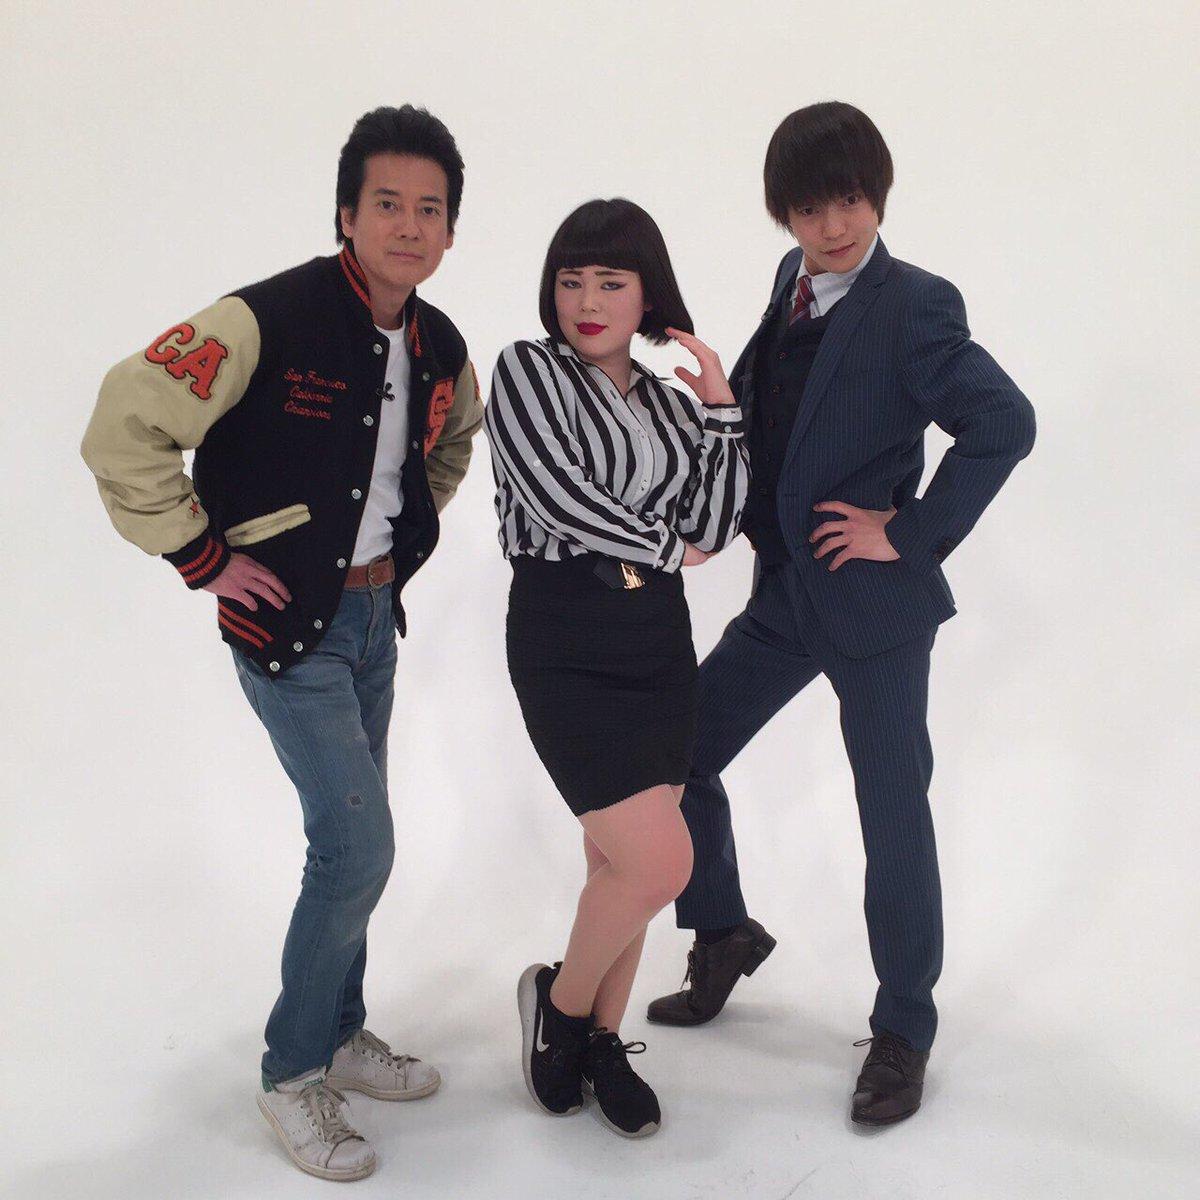 唐沢寿明と窪田正孝と一緒のブルゾンちえみさん